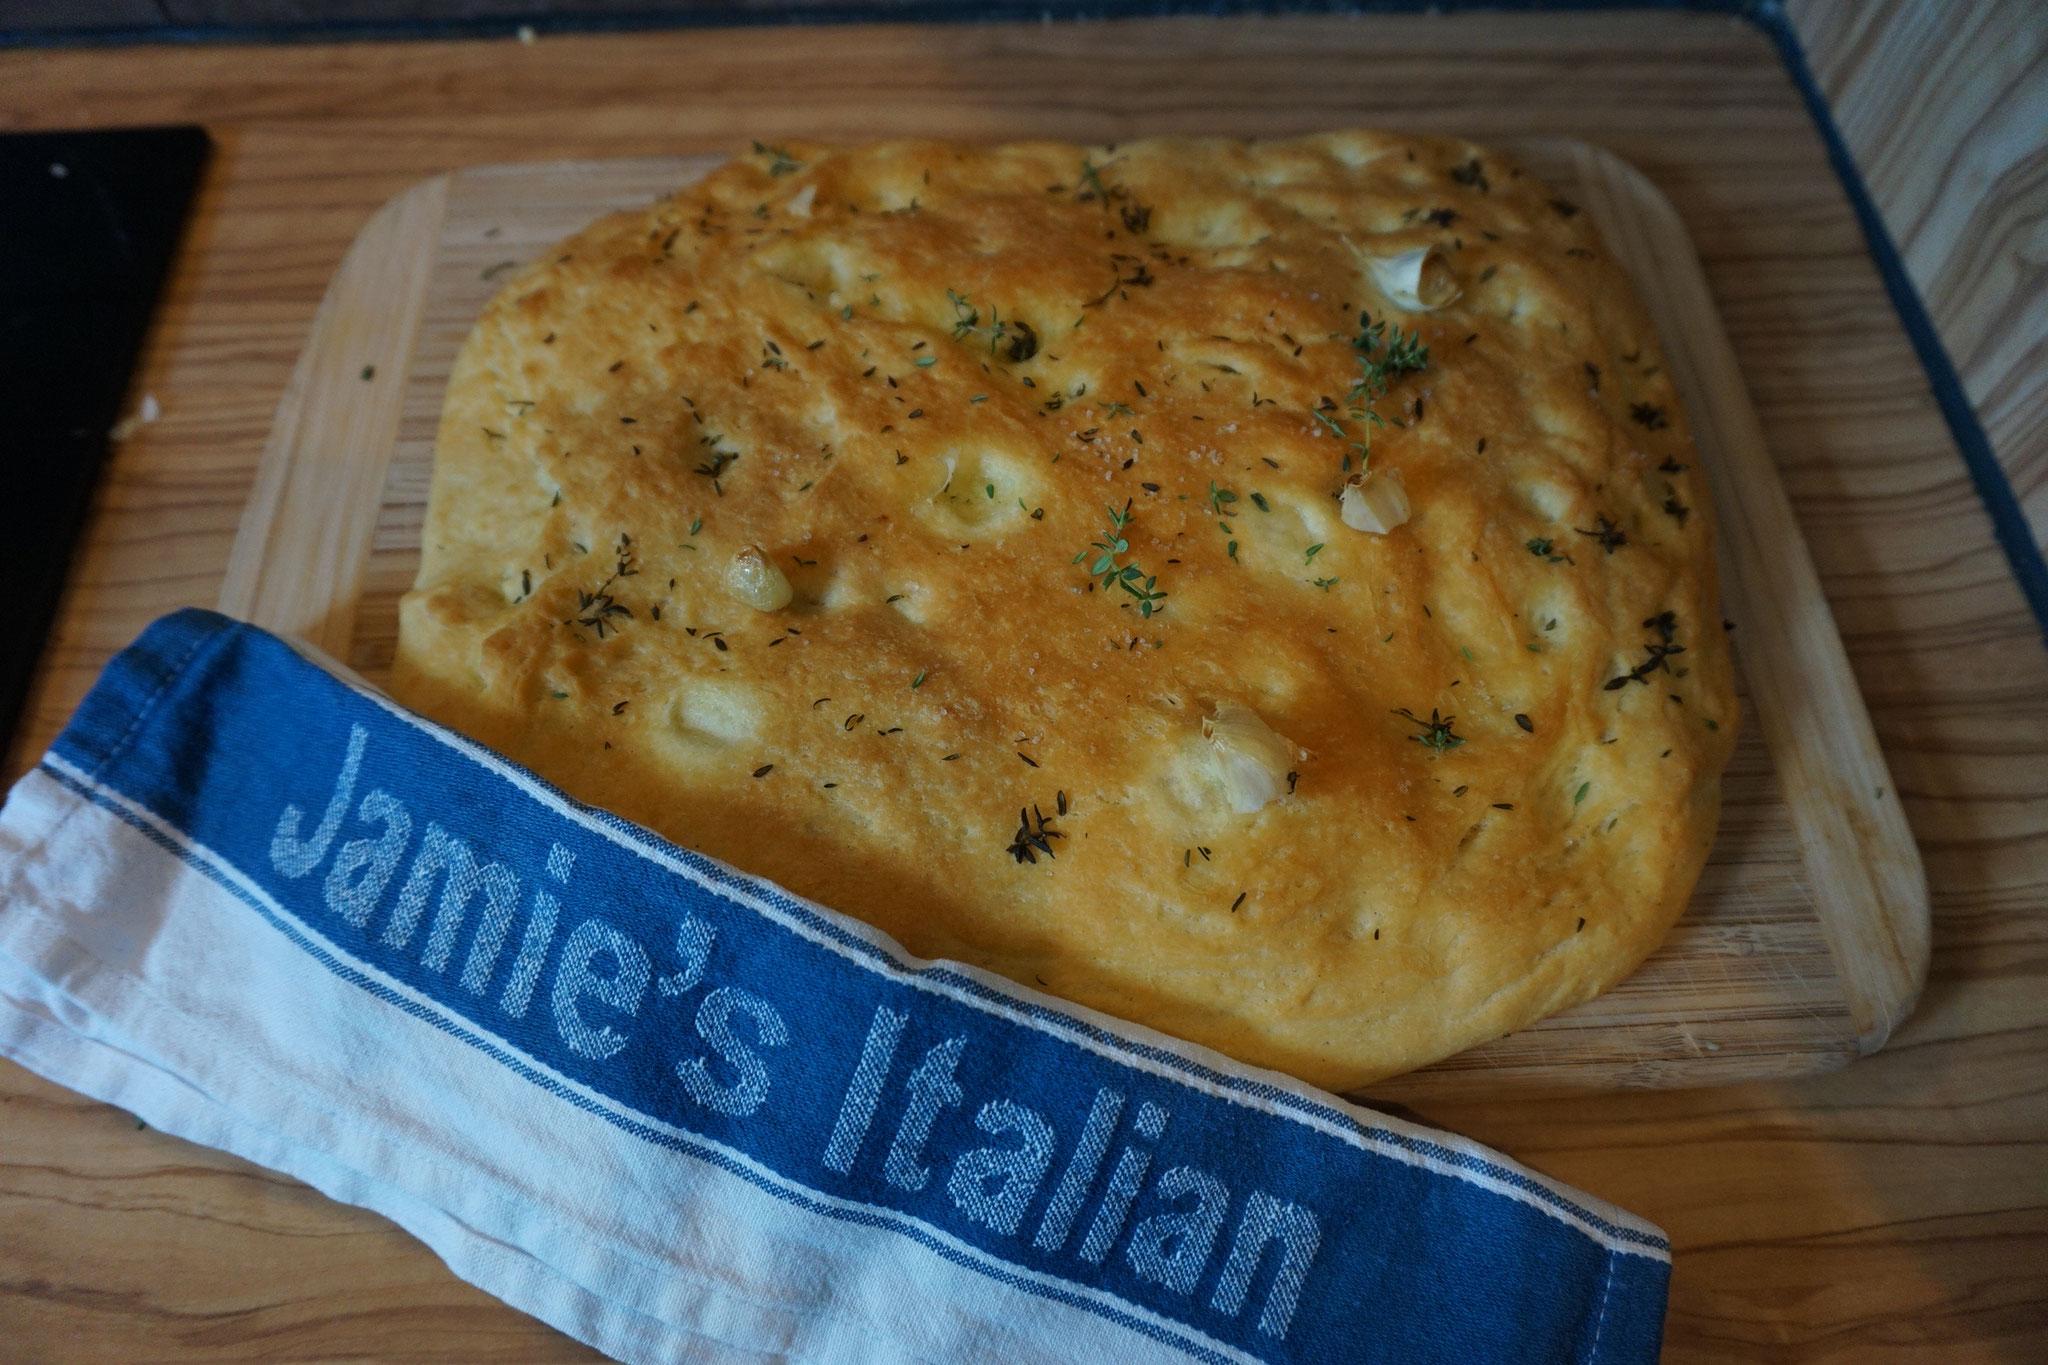 Bestes Focaccia Rezept nach Jamie Oliver mit Rosmarin und Olivenoel